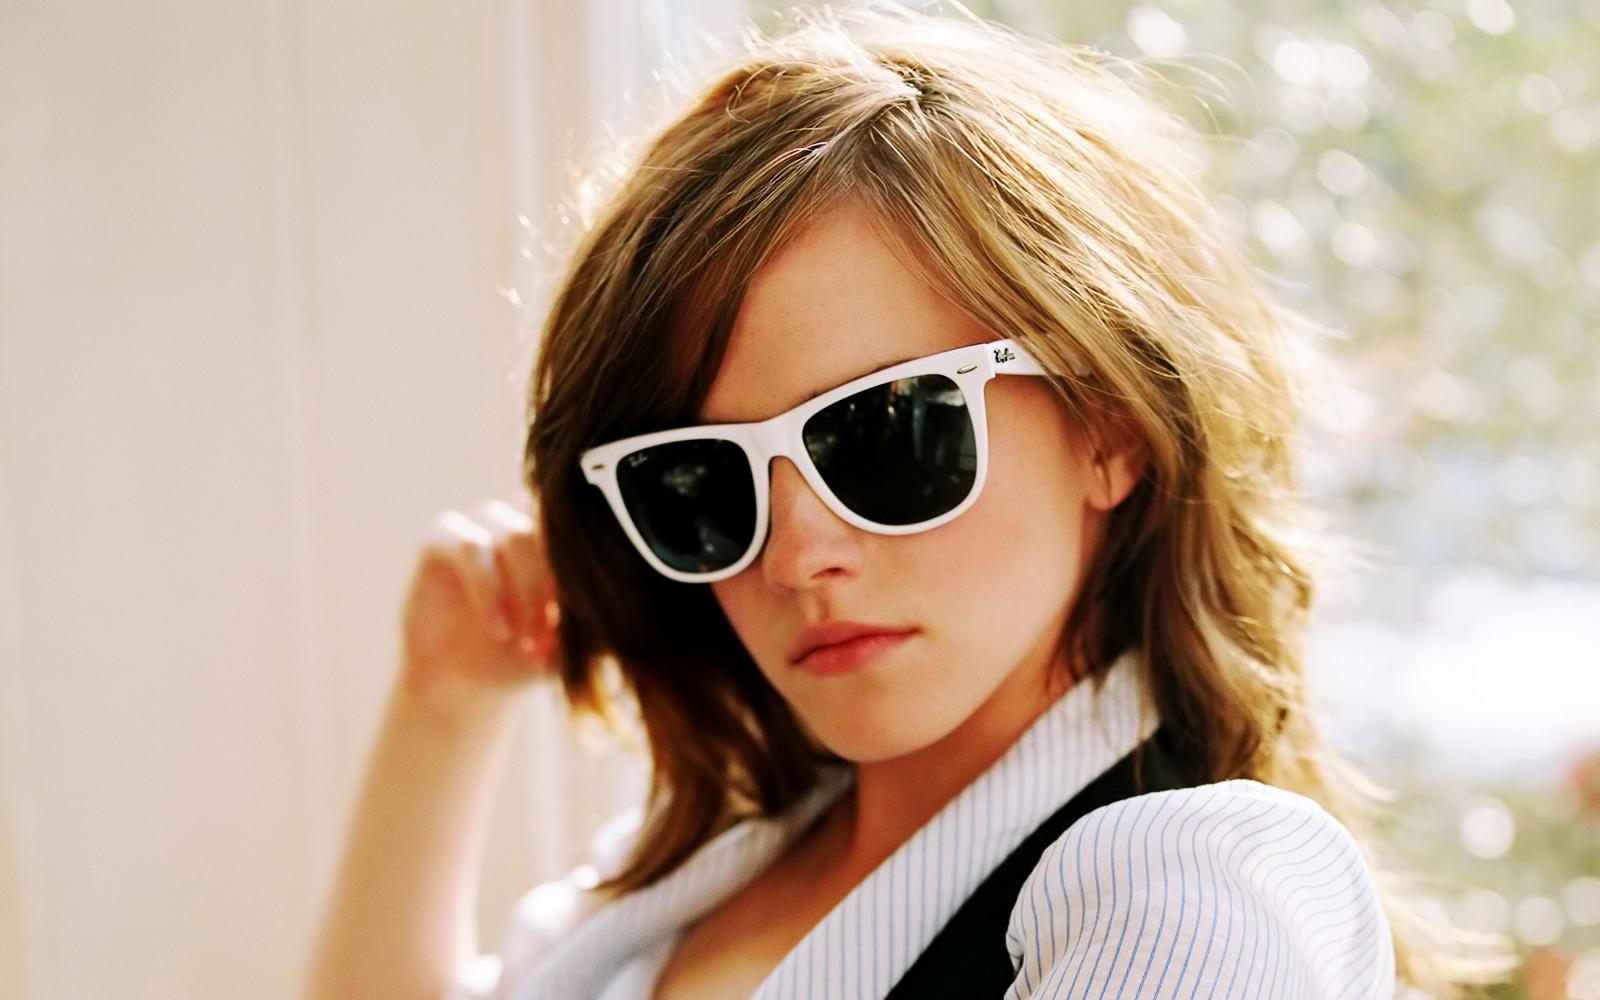 Emma_Watson-wayfarer-sunglasses